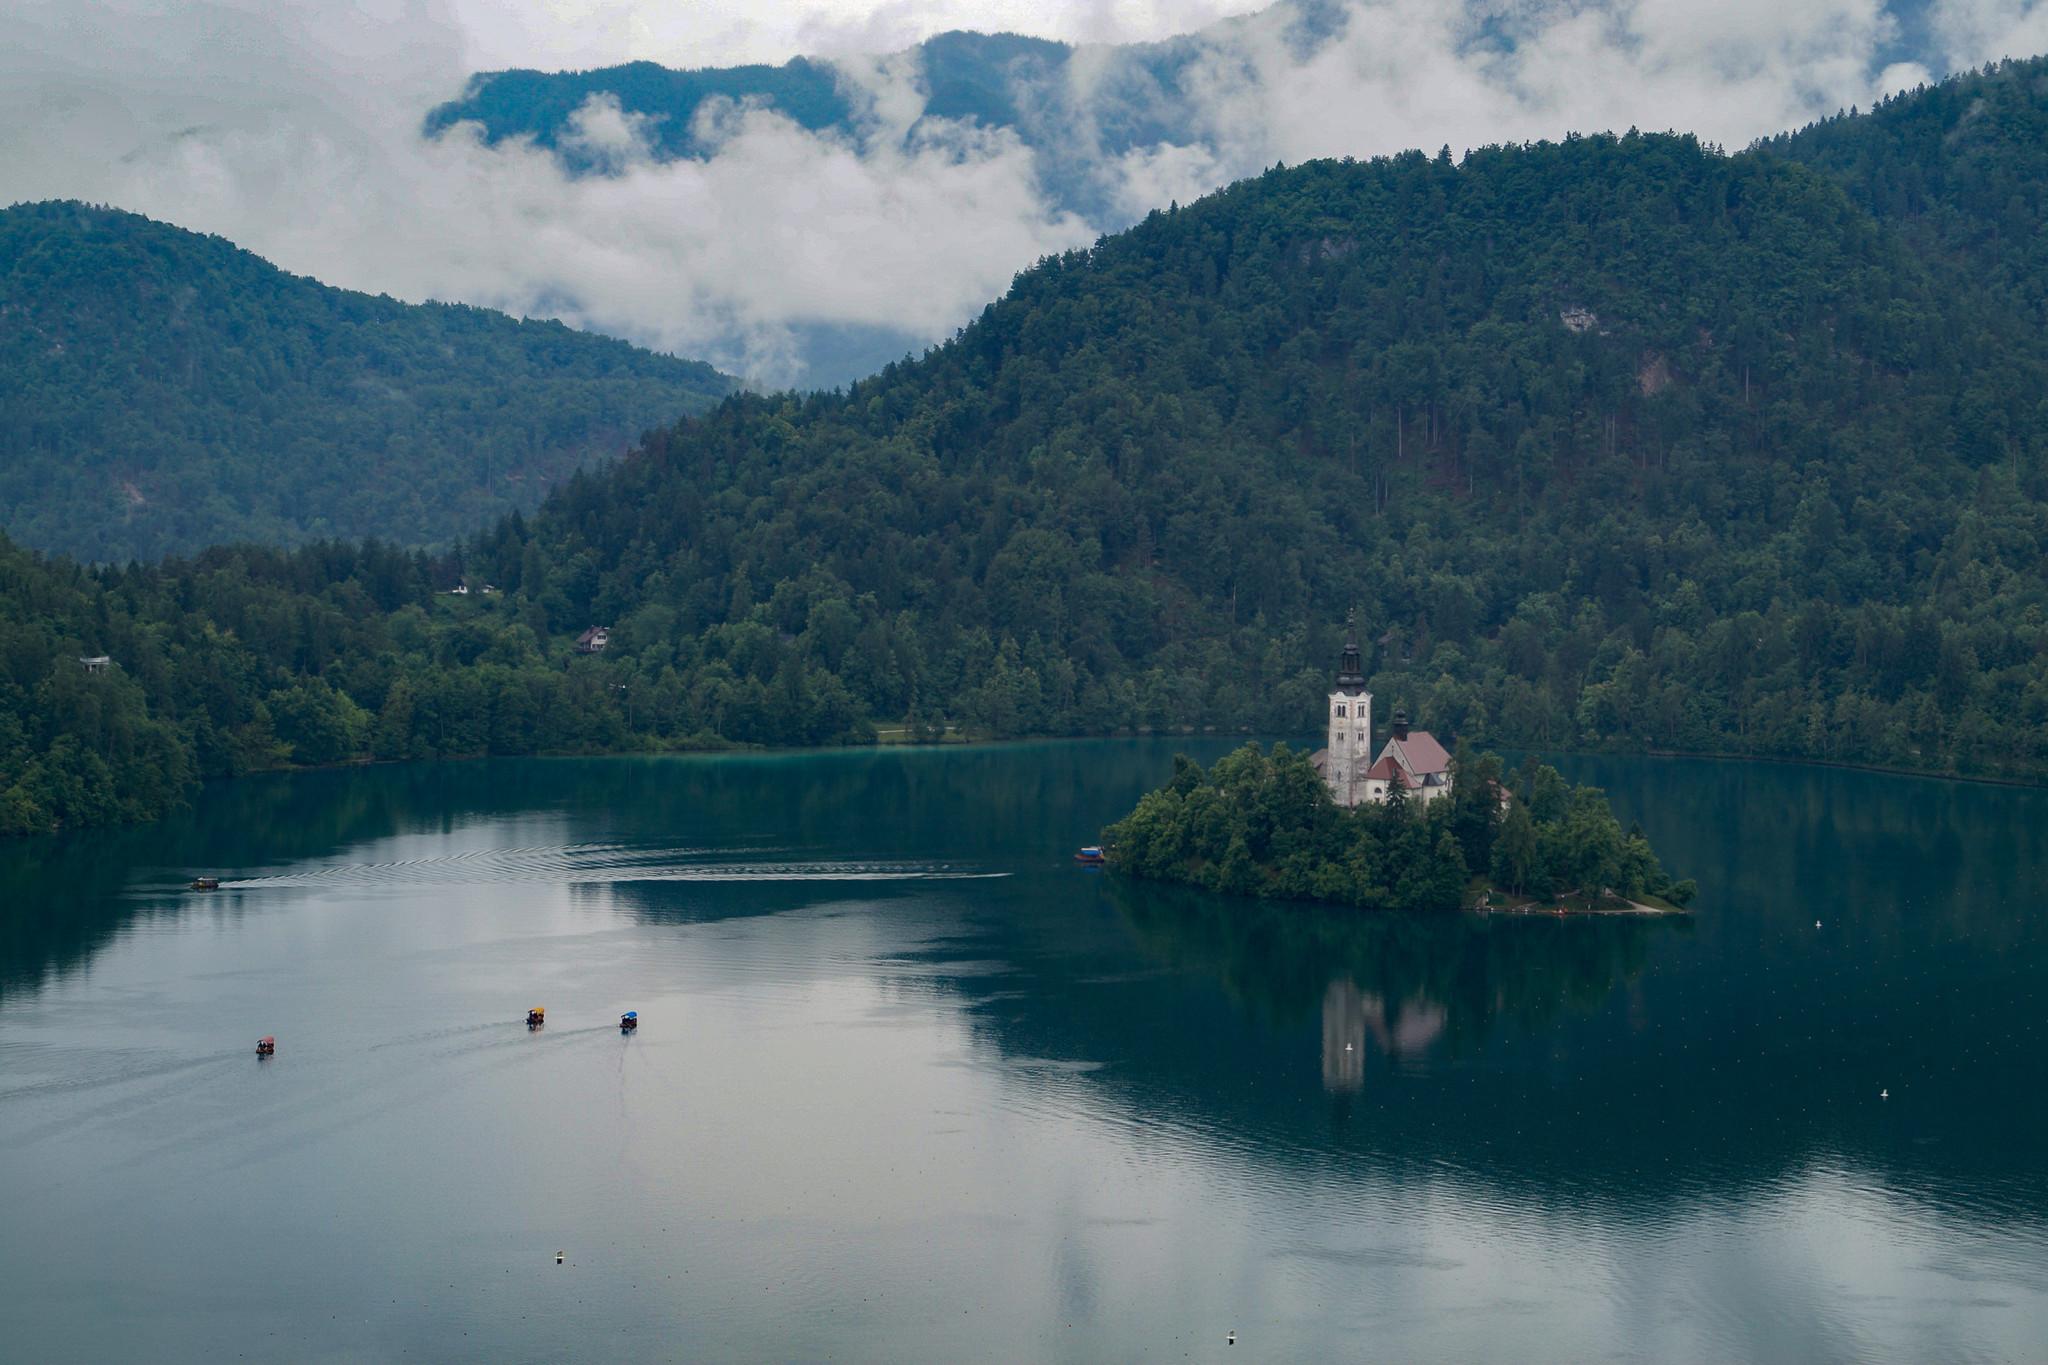 Der Bleder See mit seiner Insel zählt zu den wichtigsten Slowenien Sehenswürdigkeiten